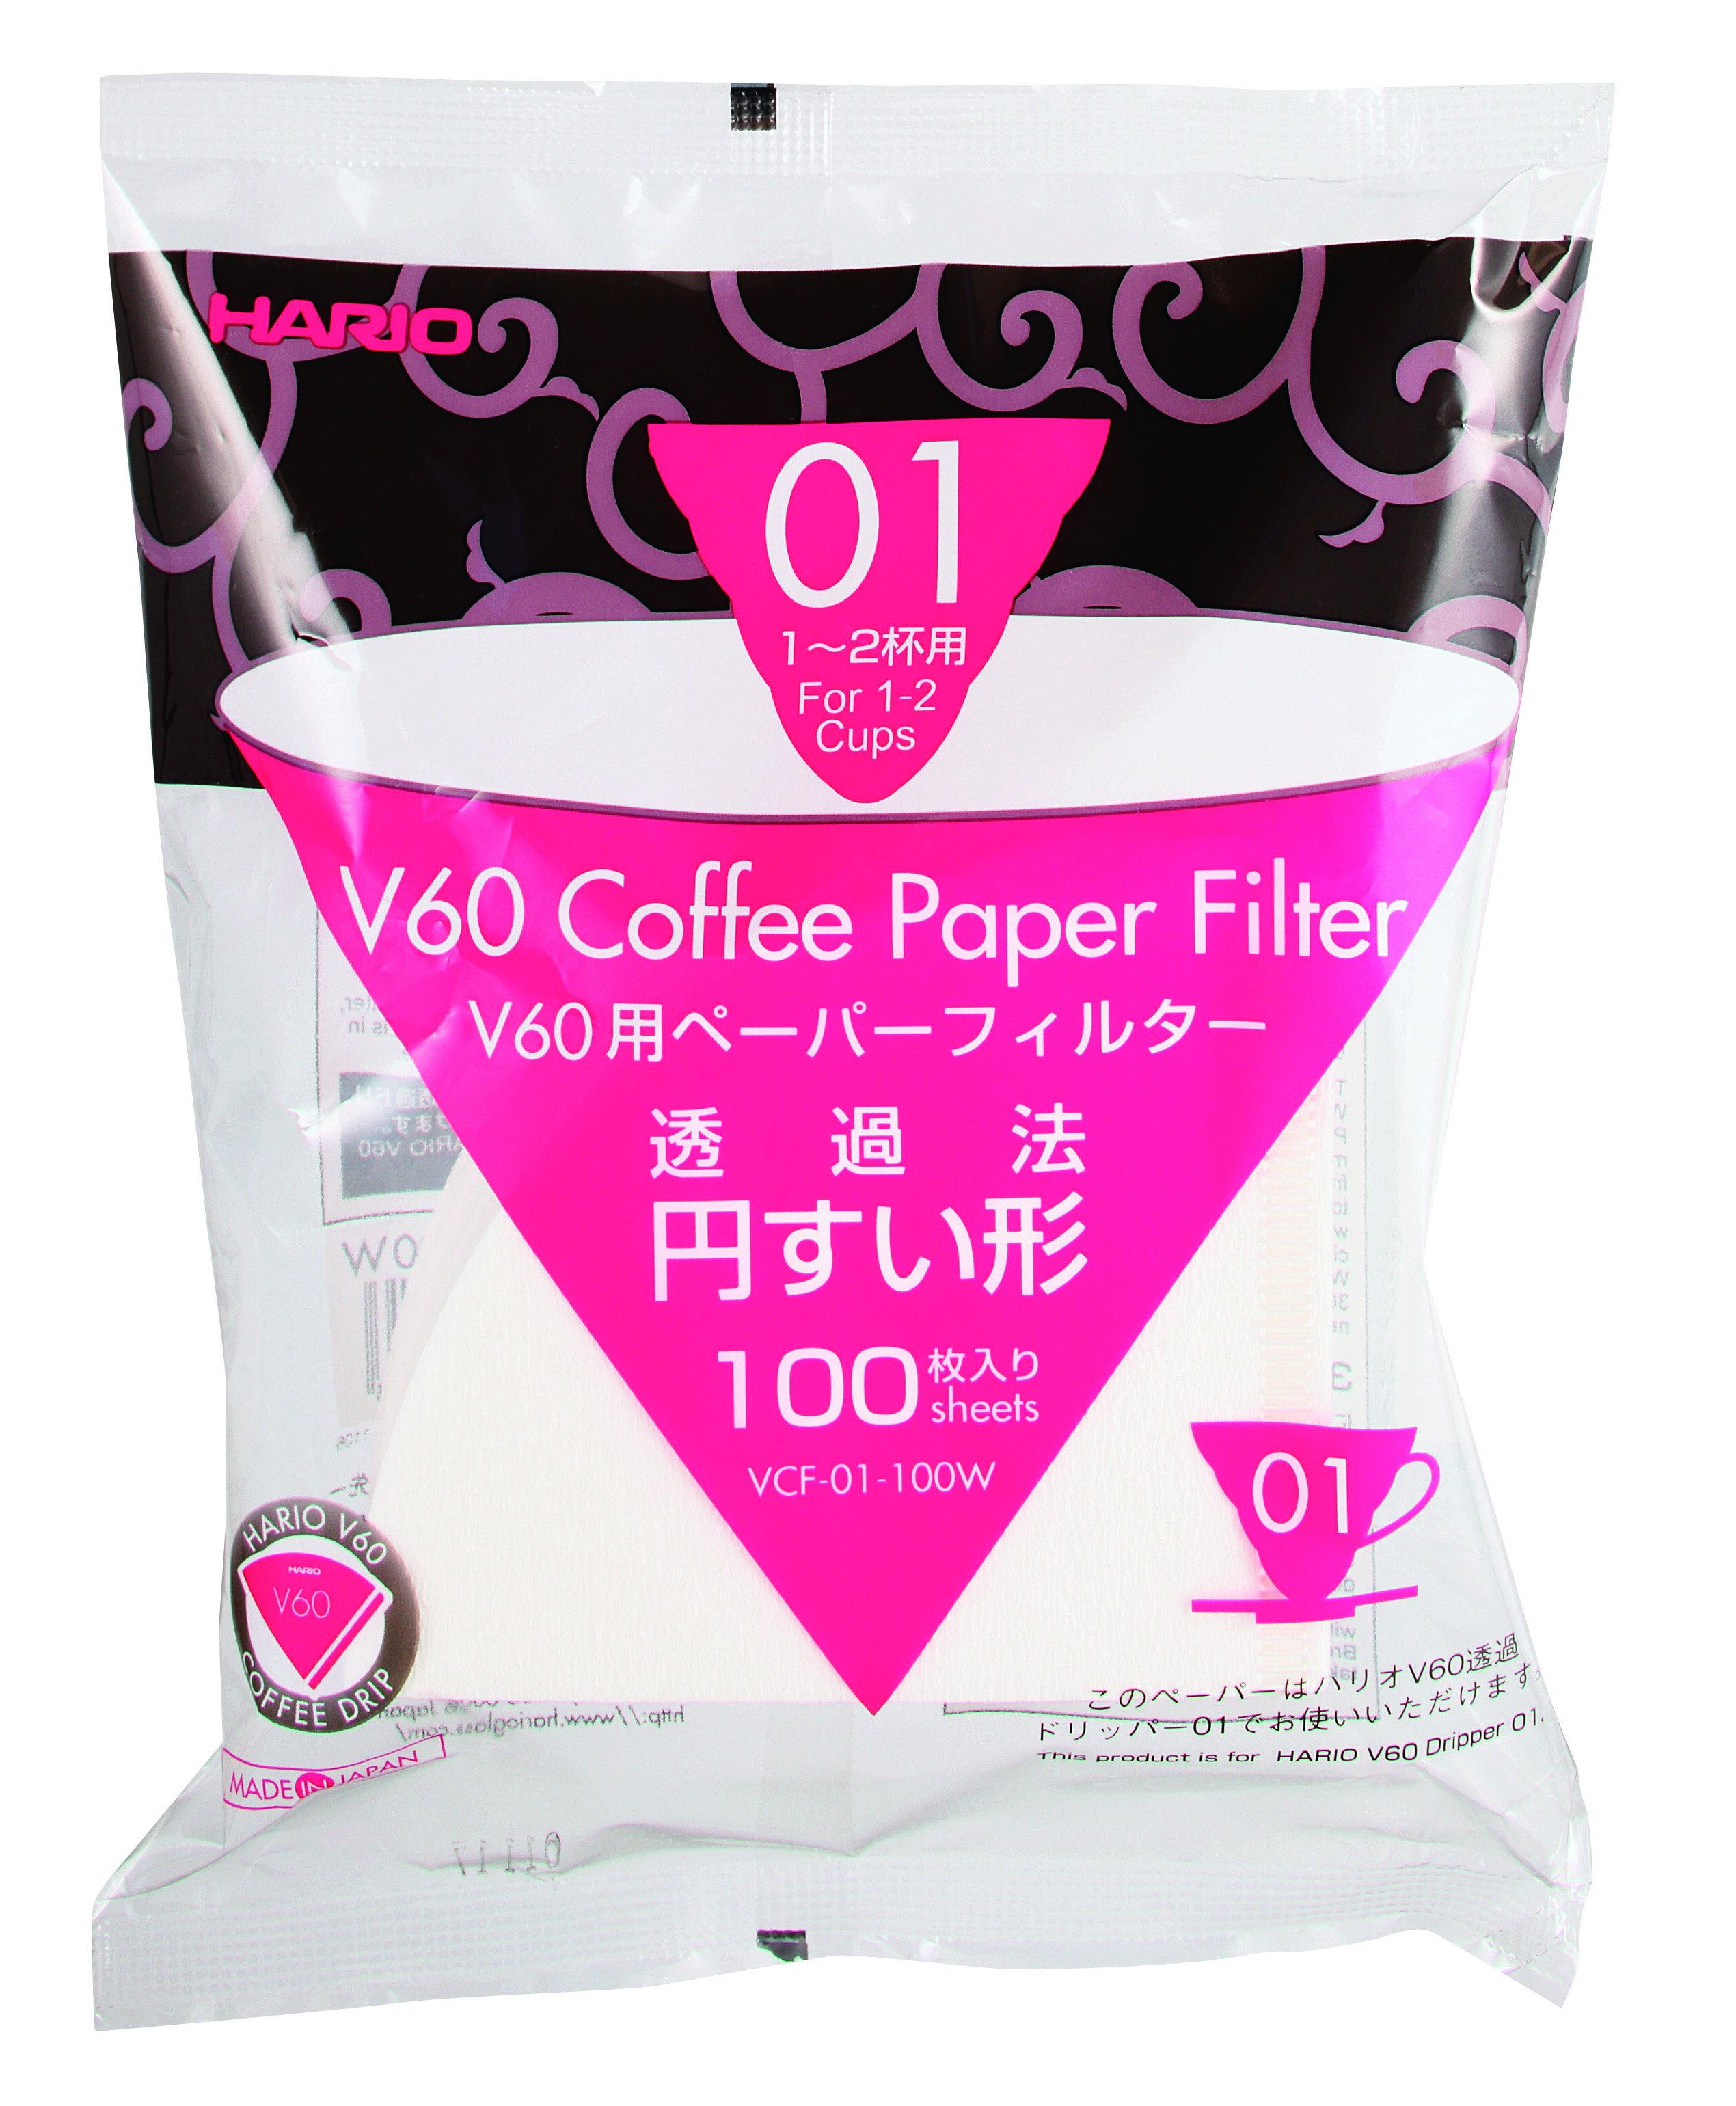 <br/><br/>  [微聲咖啡] Hario VCF-01-100W 酵素漂白 咖啡 濾紙 1-2 杯用 100 枚/包<br/><br/>